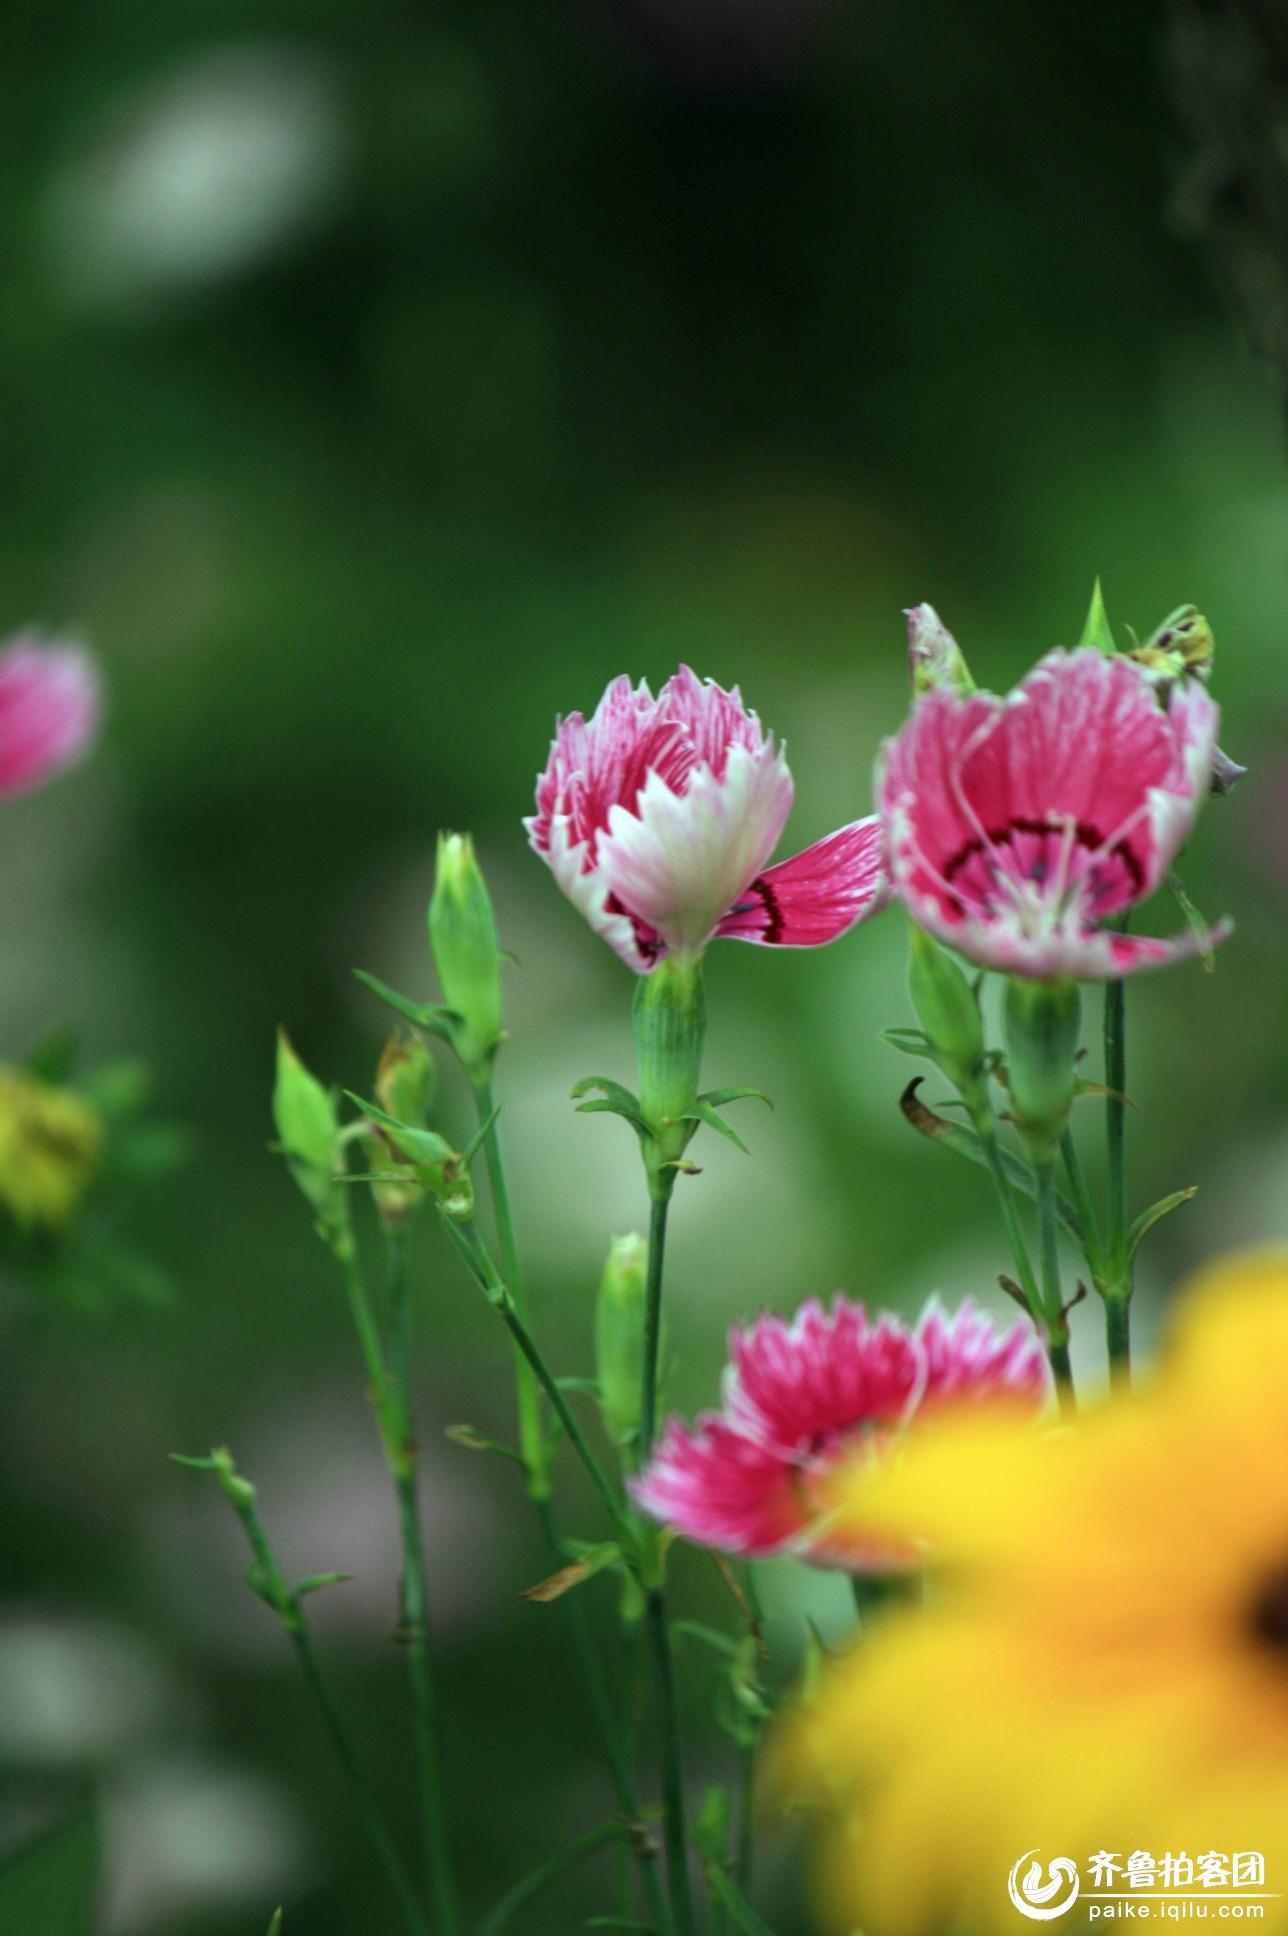 雨中漫步の日照植物园 - 济宁拍客 - 齐鲁社区 - 山东